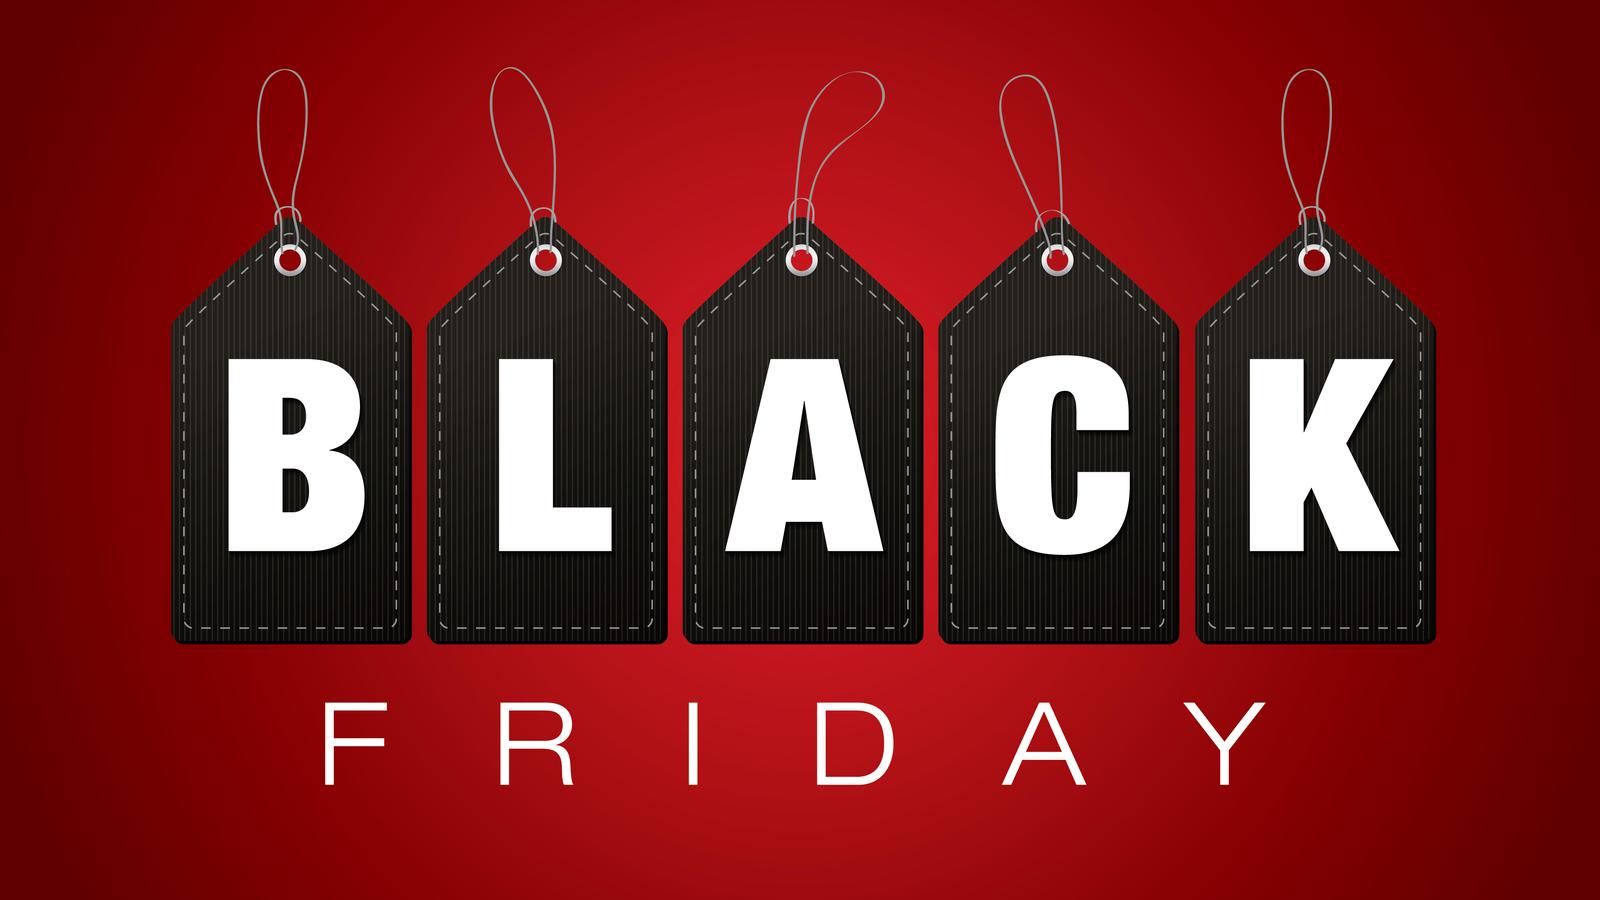 Black Friday Shopping Tips For 2020